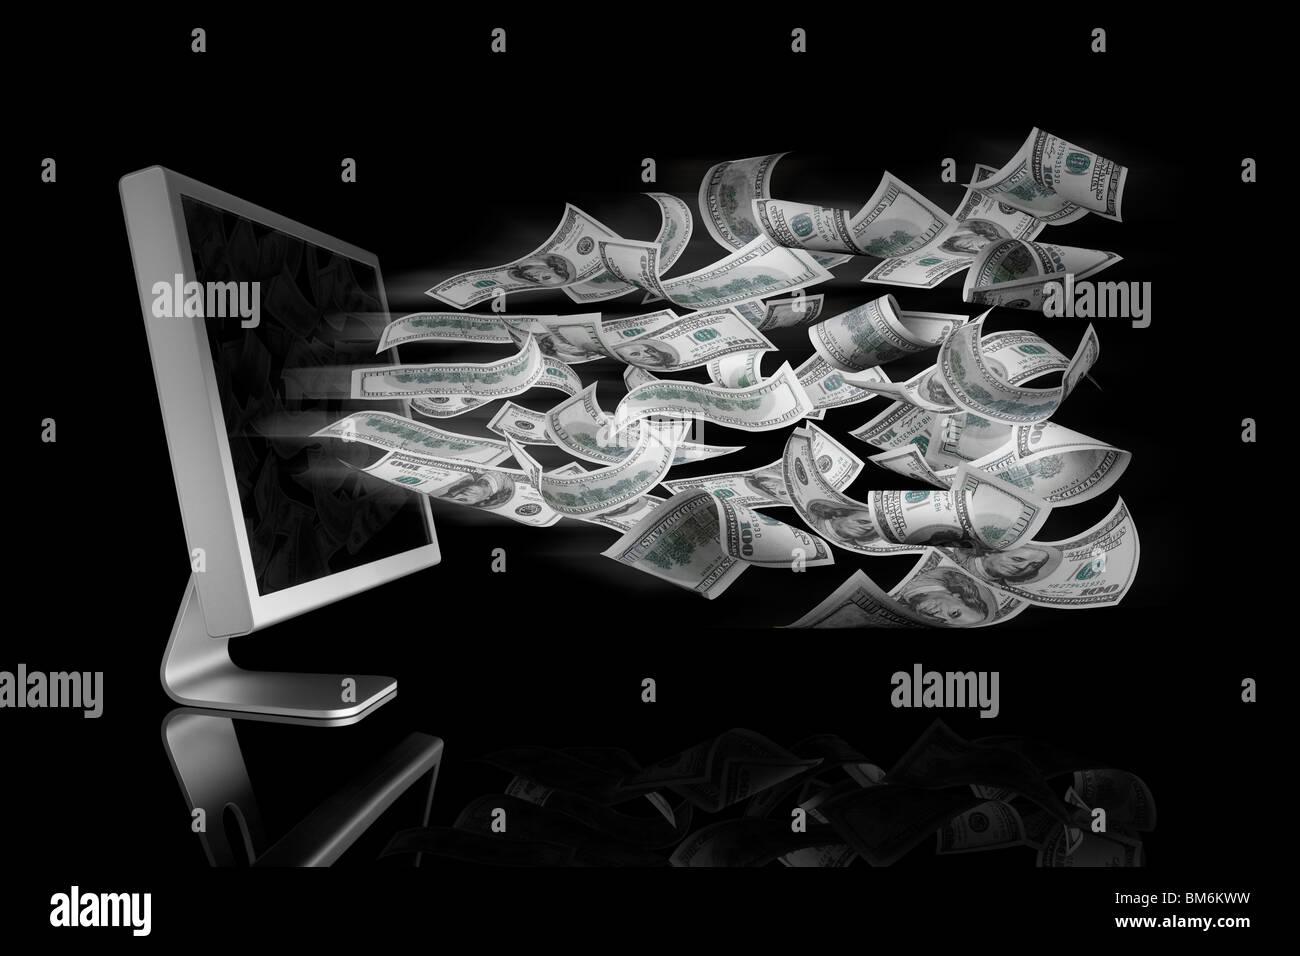 100 Dollar bills qui sortent d'un écran d'ordinateur Photo Stock